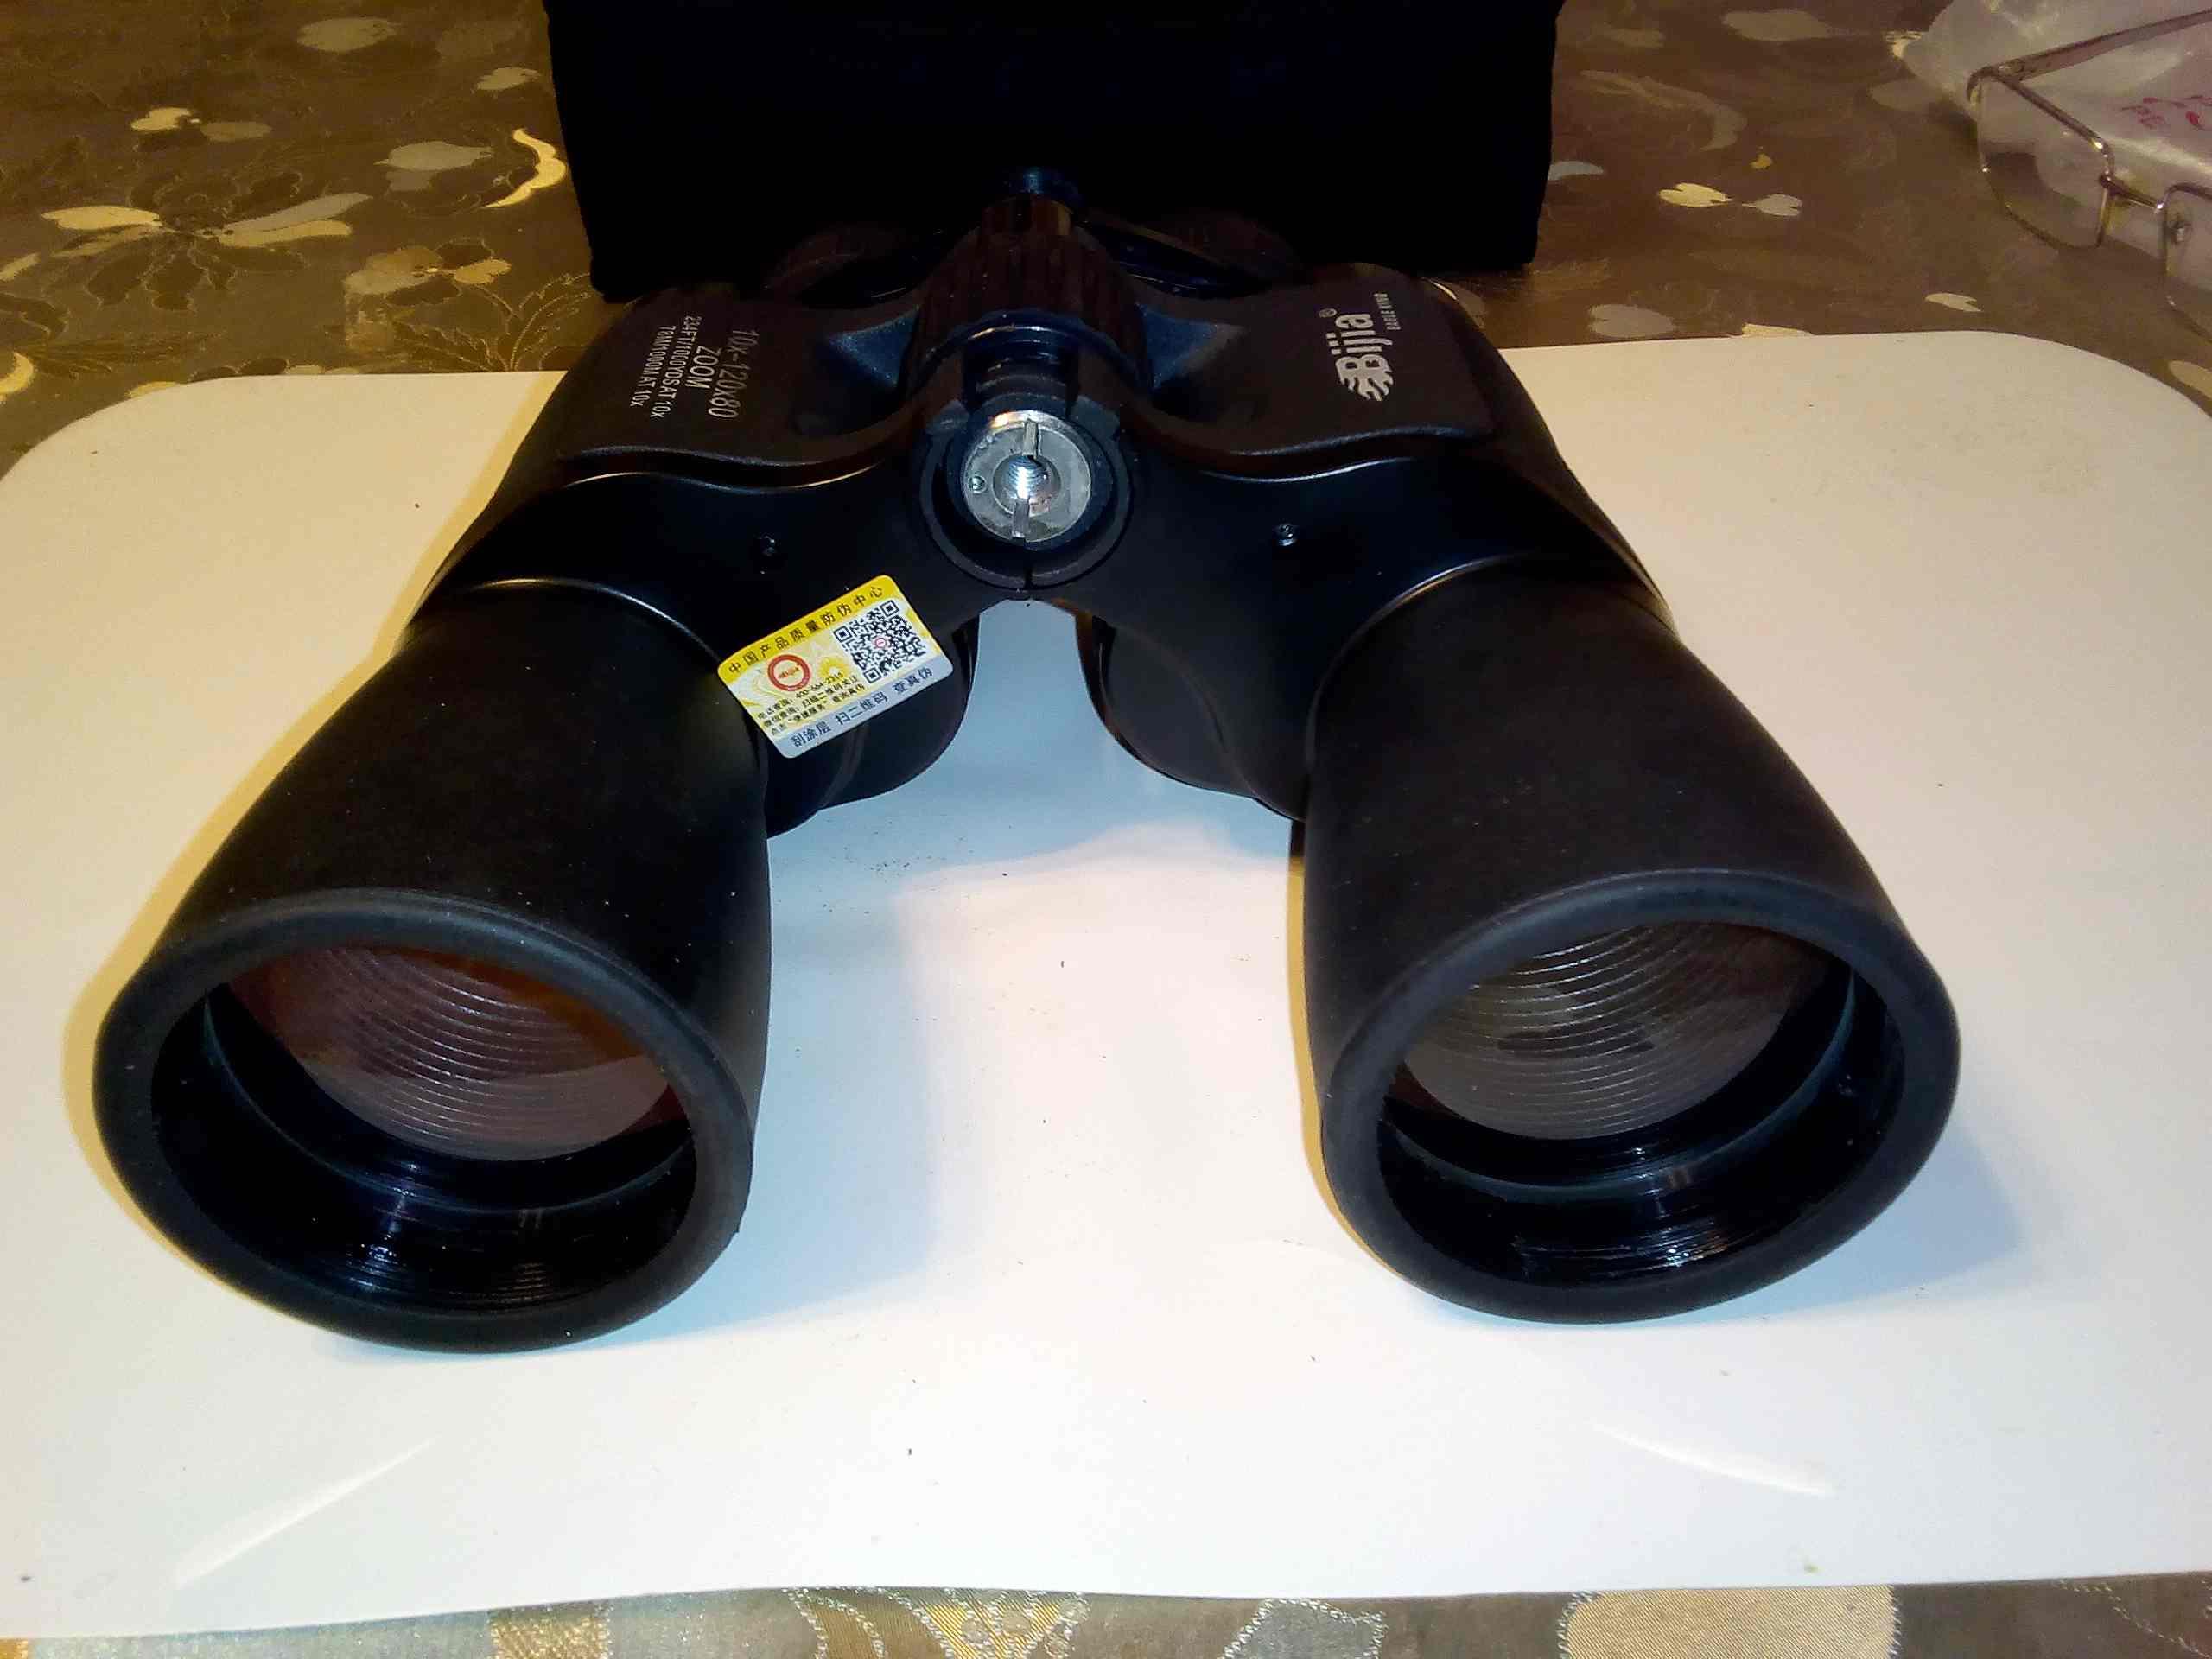 Telescópio e binóculos Telescópio Grande Vendas